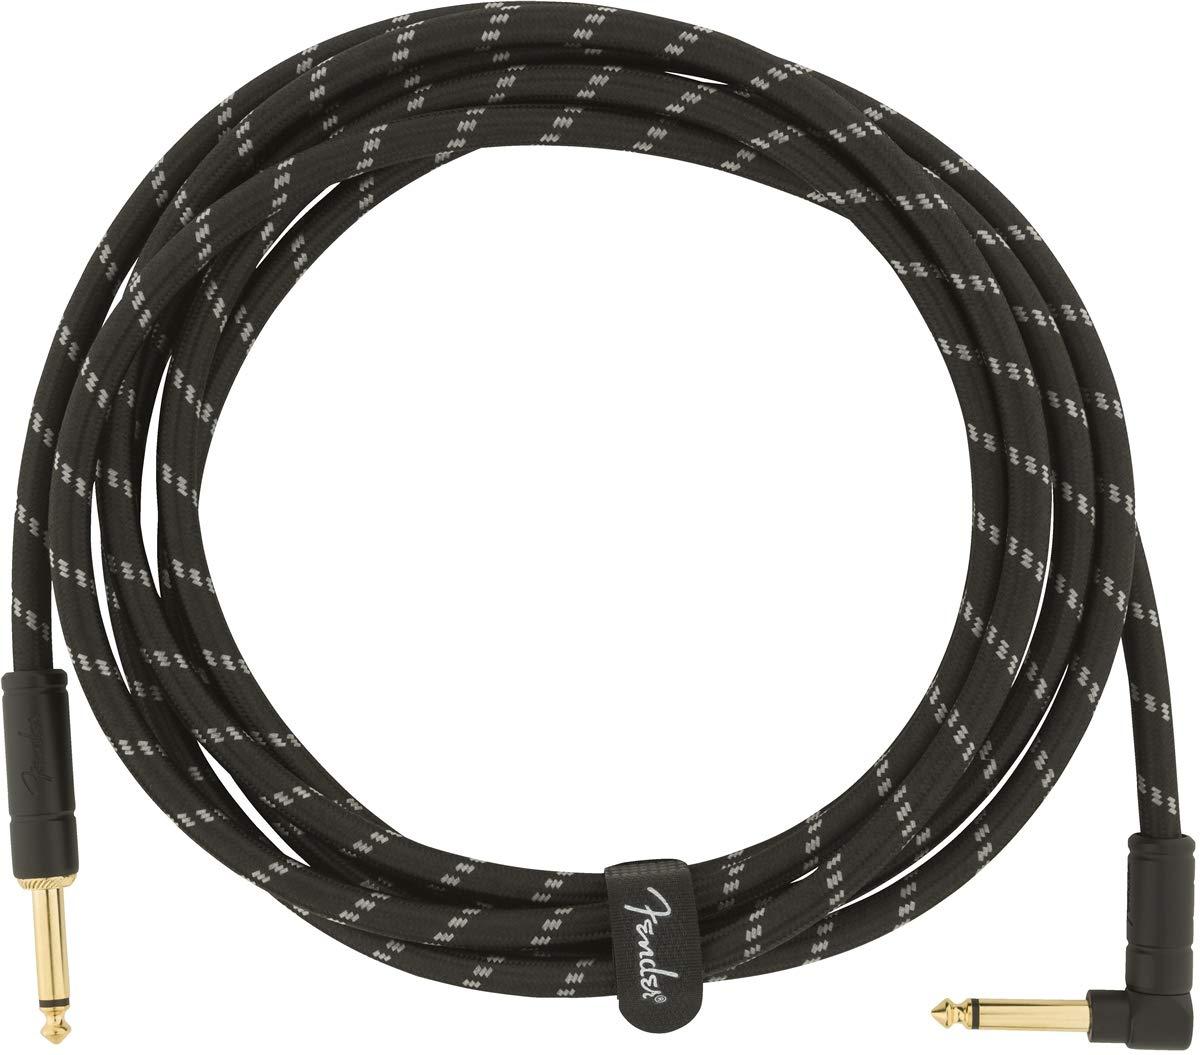 bk tweed angled Fender Kabel Deluxe Series 5,5m